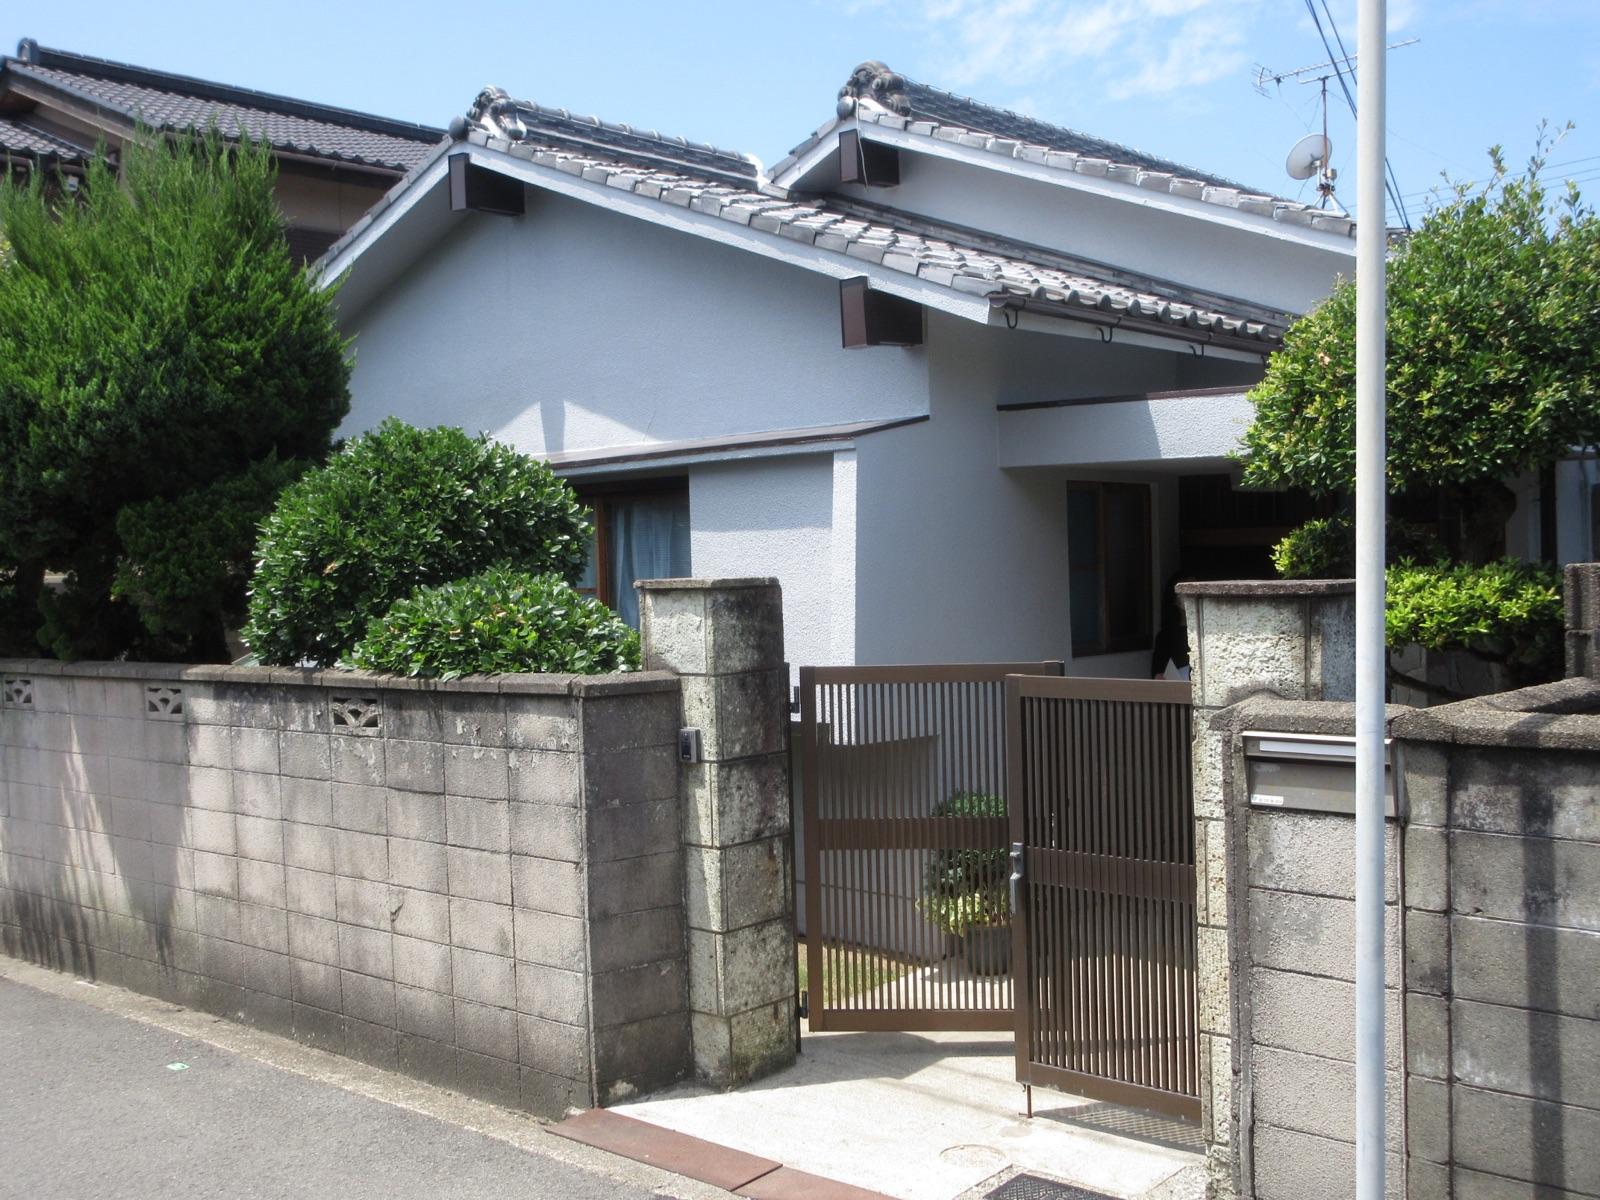 【和歌山市】S様邸<br>『低汚染で汚れに強くツヤと色もちが持続 °˖✧』